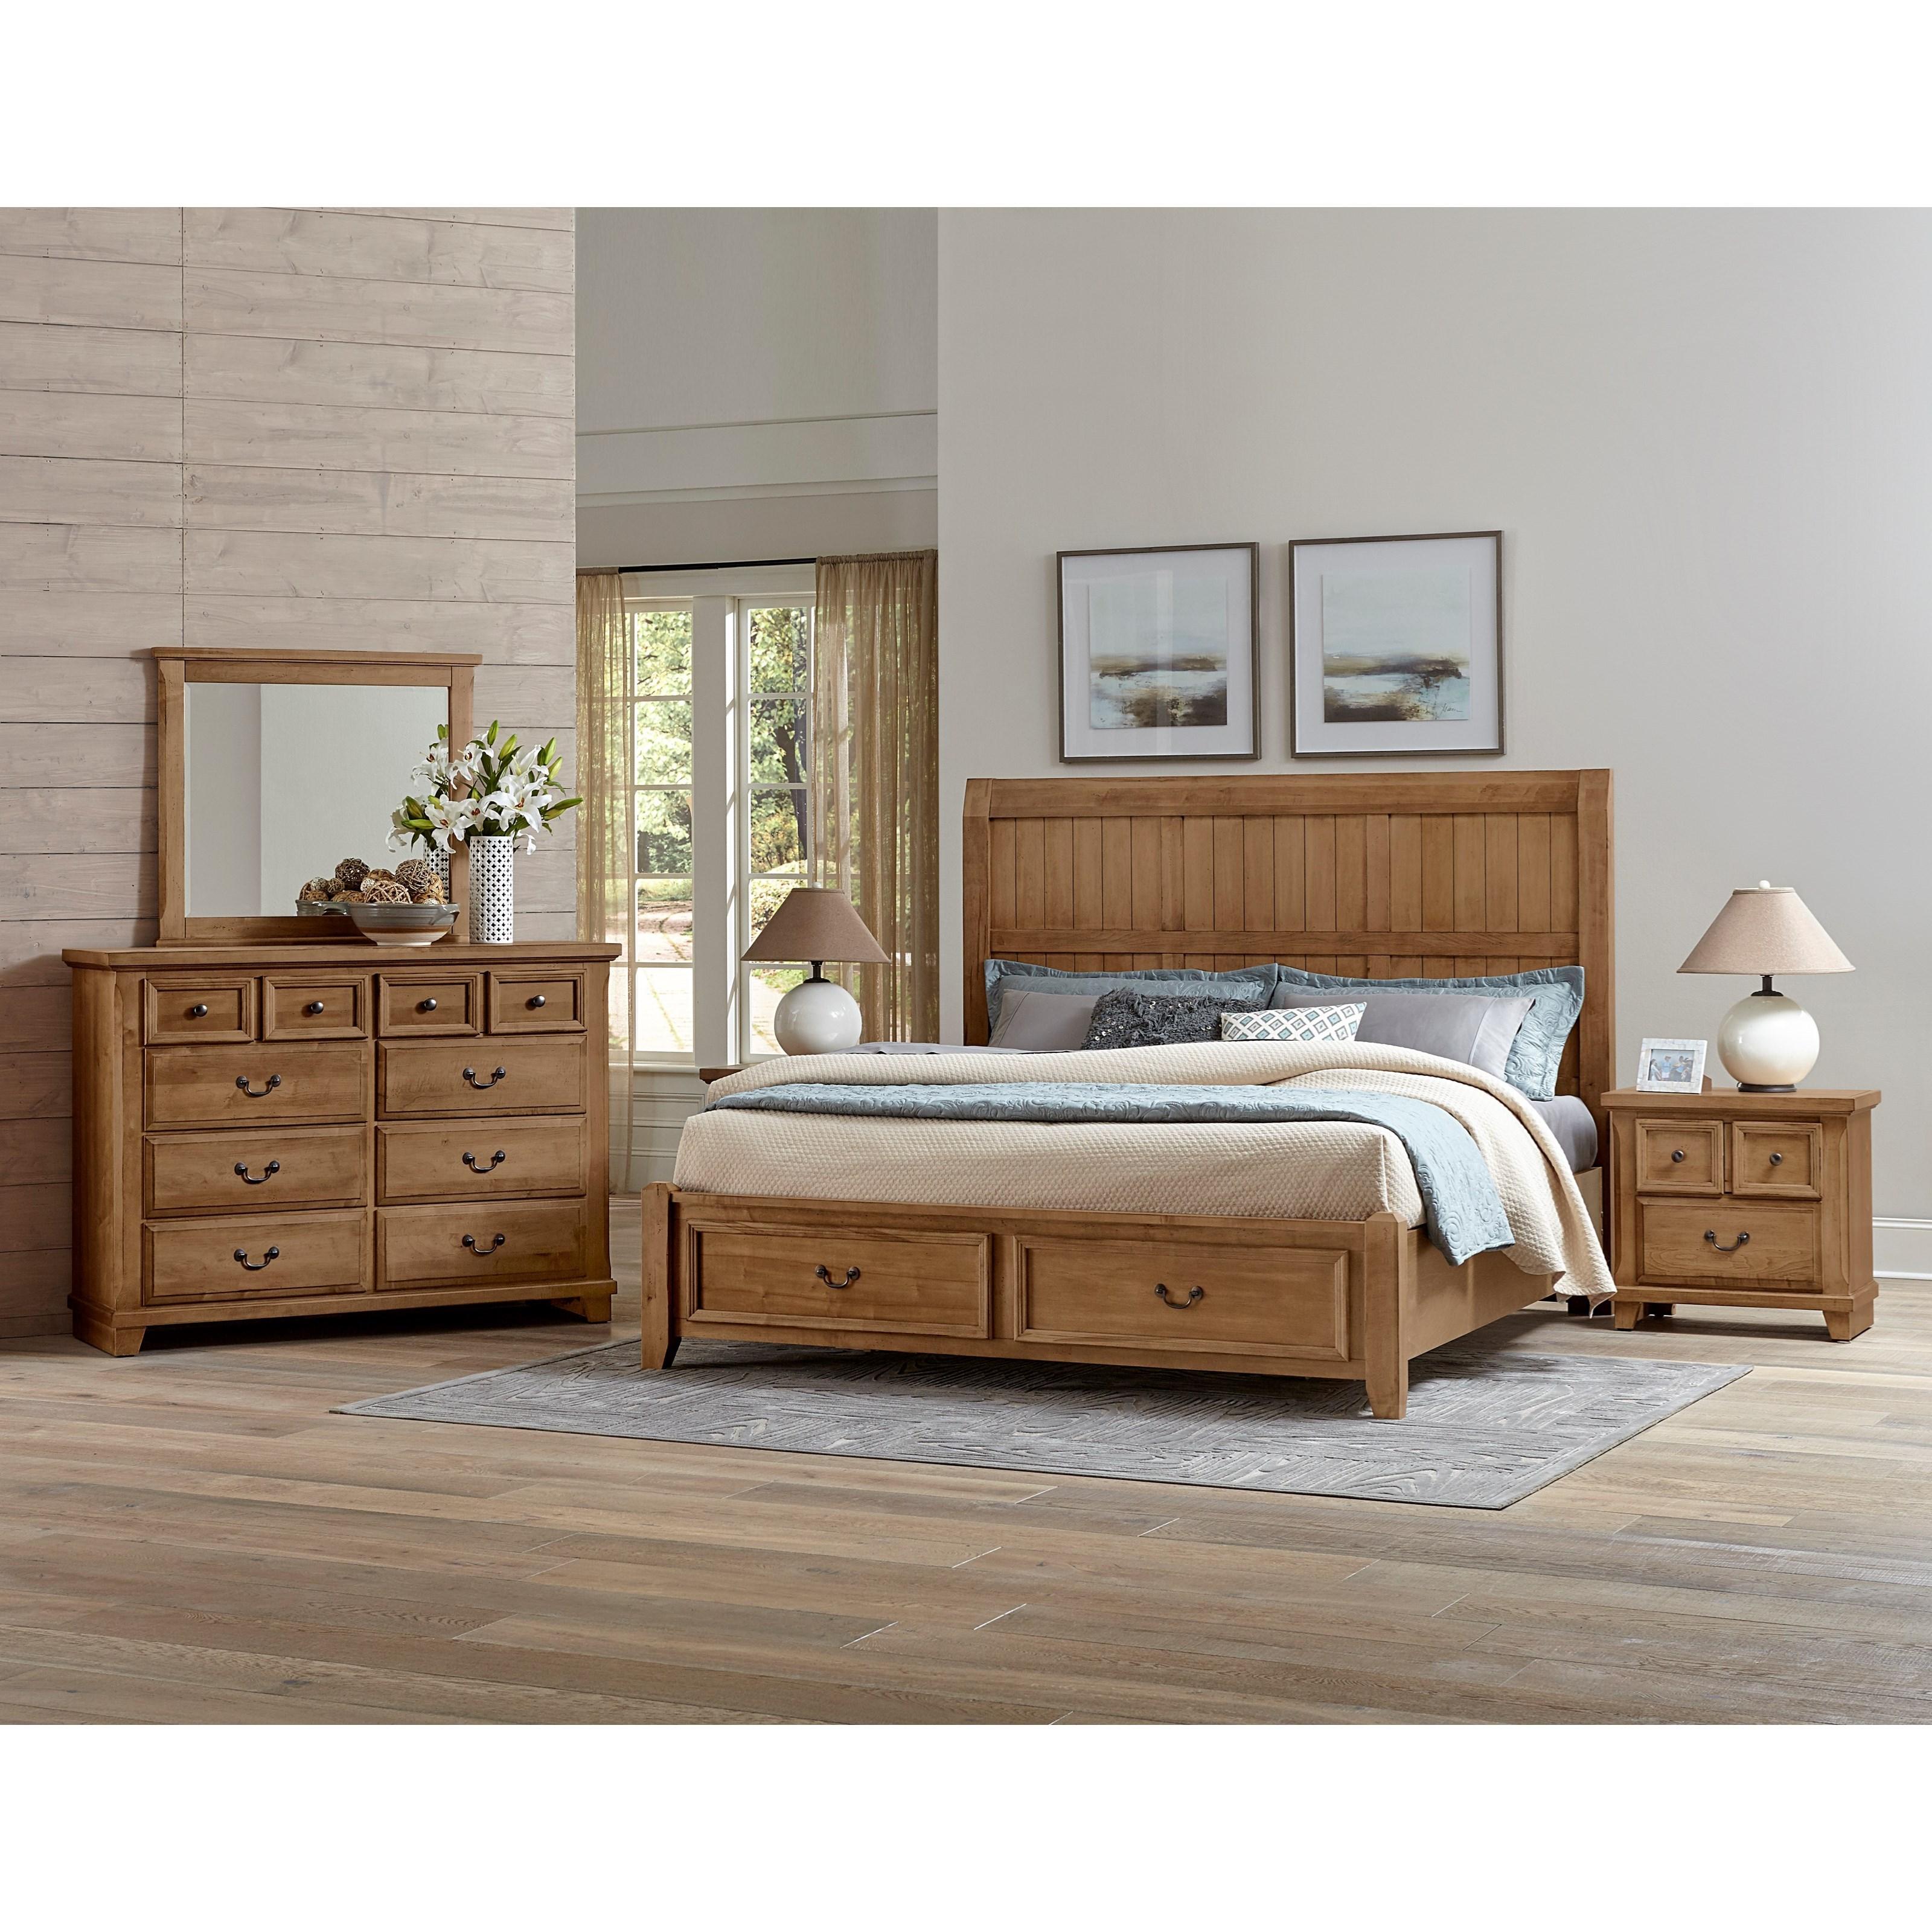 Vaughan bassett timber creek queen bedroom group johnny for Bedroom groups